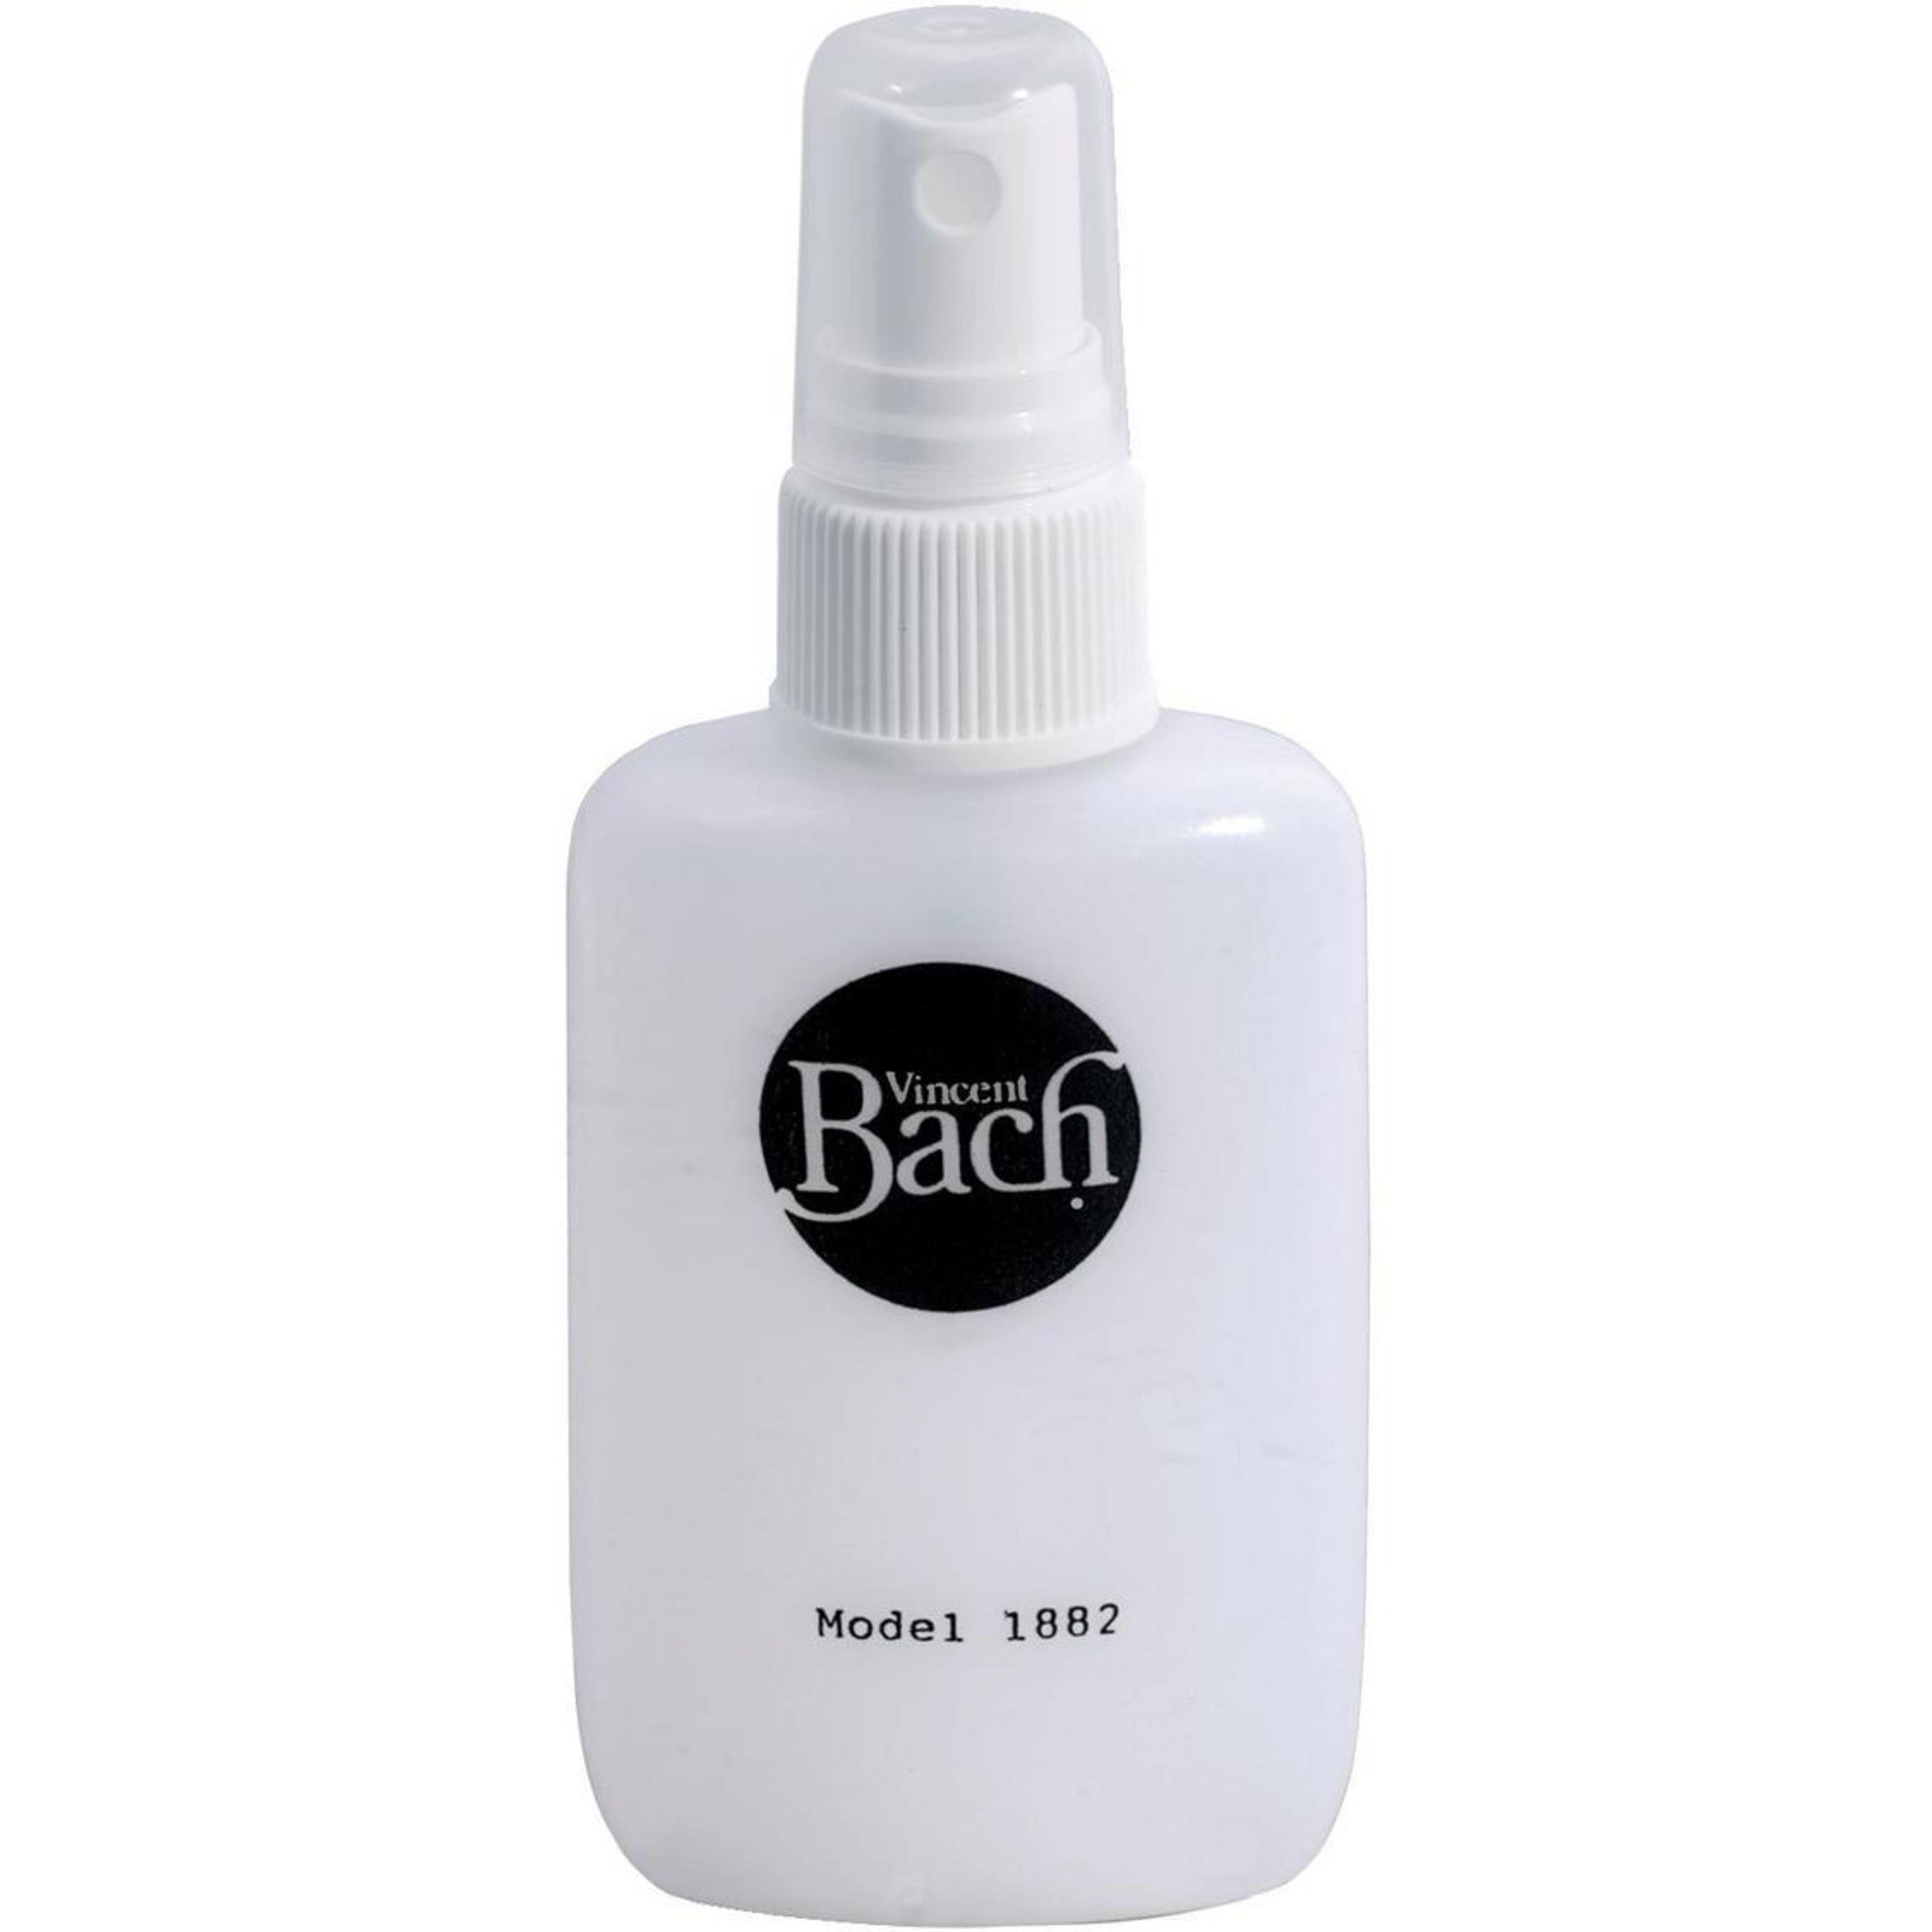 BACH - Sprayflasche (leer) zu Zugpflegeset 760.488